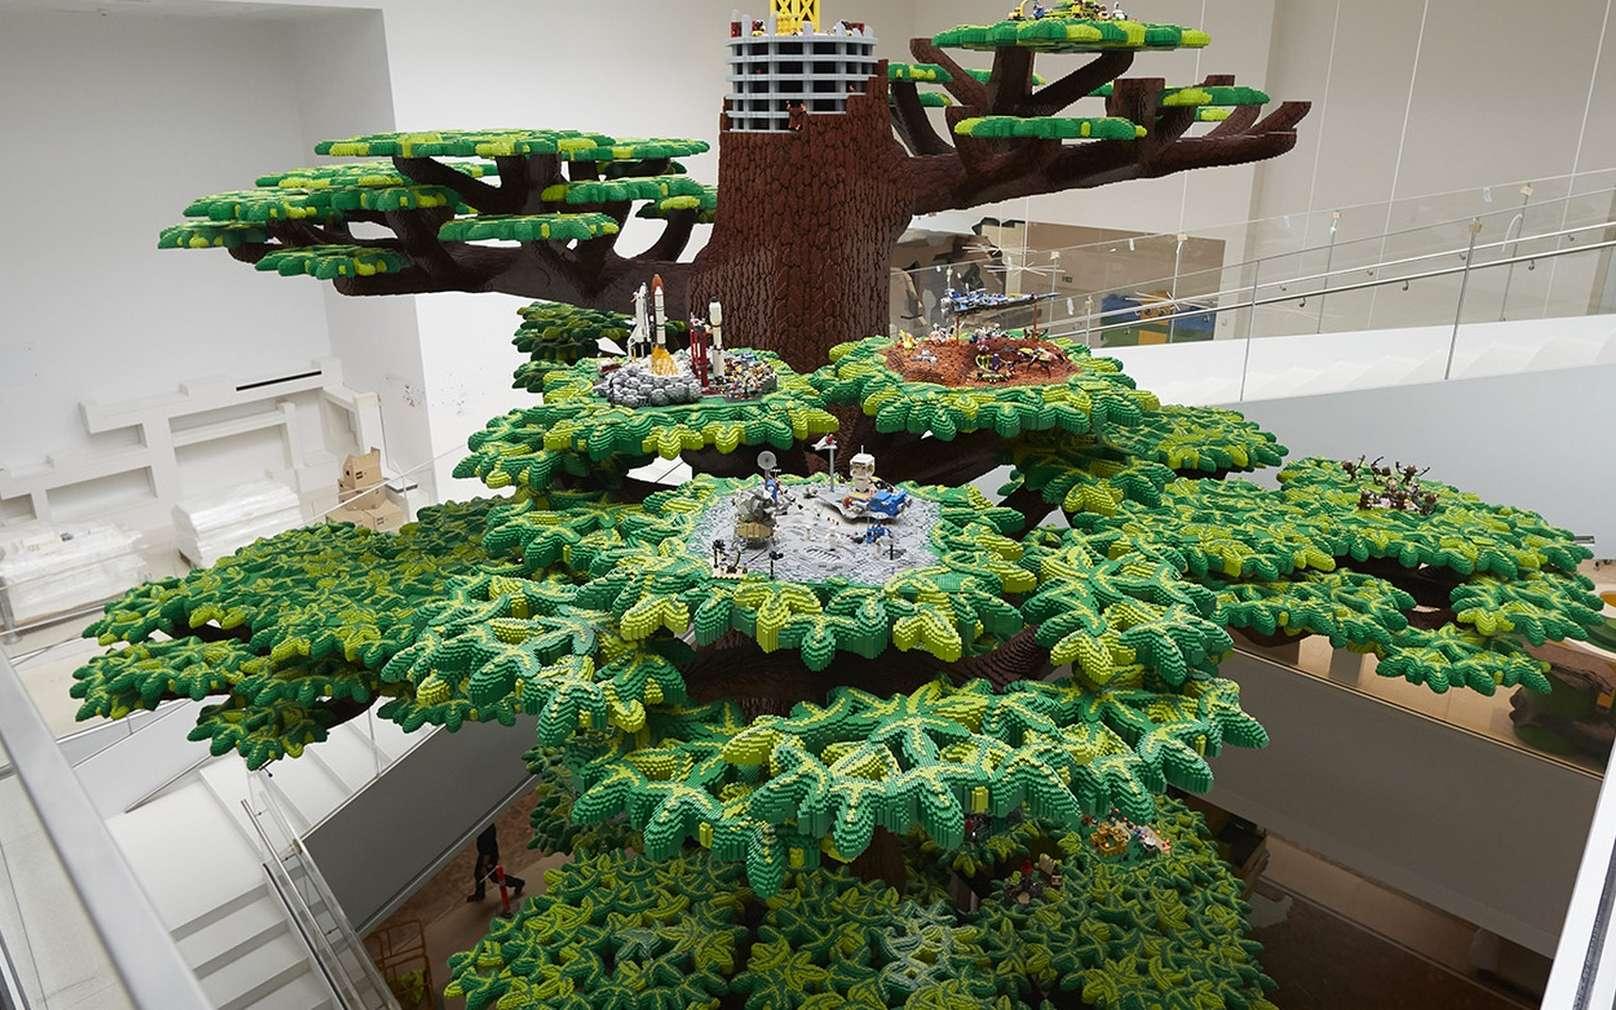 Lego s'est fixé comme objectif de n'utiliser que des matériaux durables d'ici 2030. © Lego